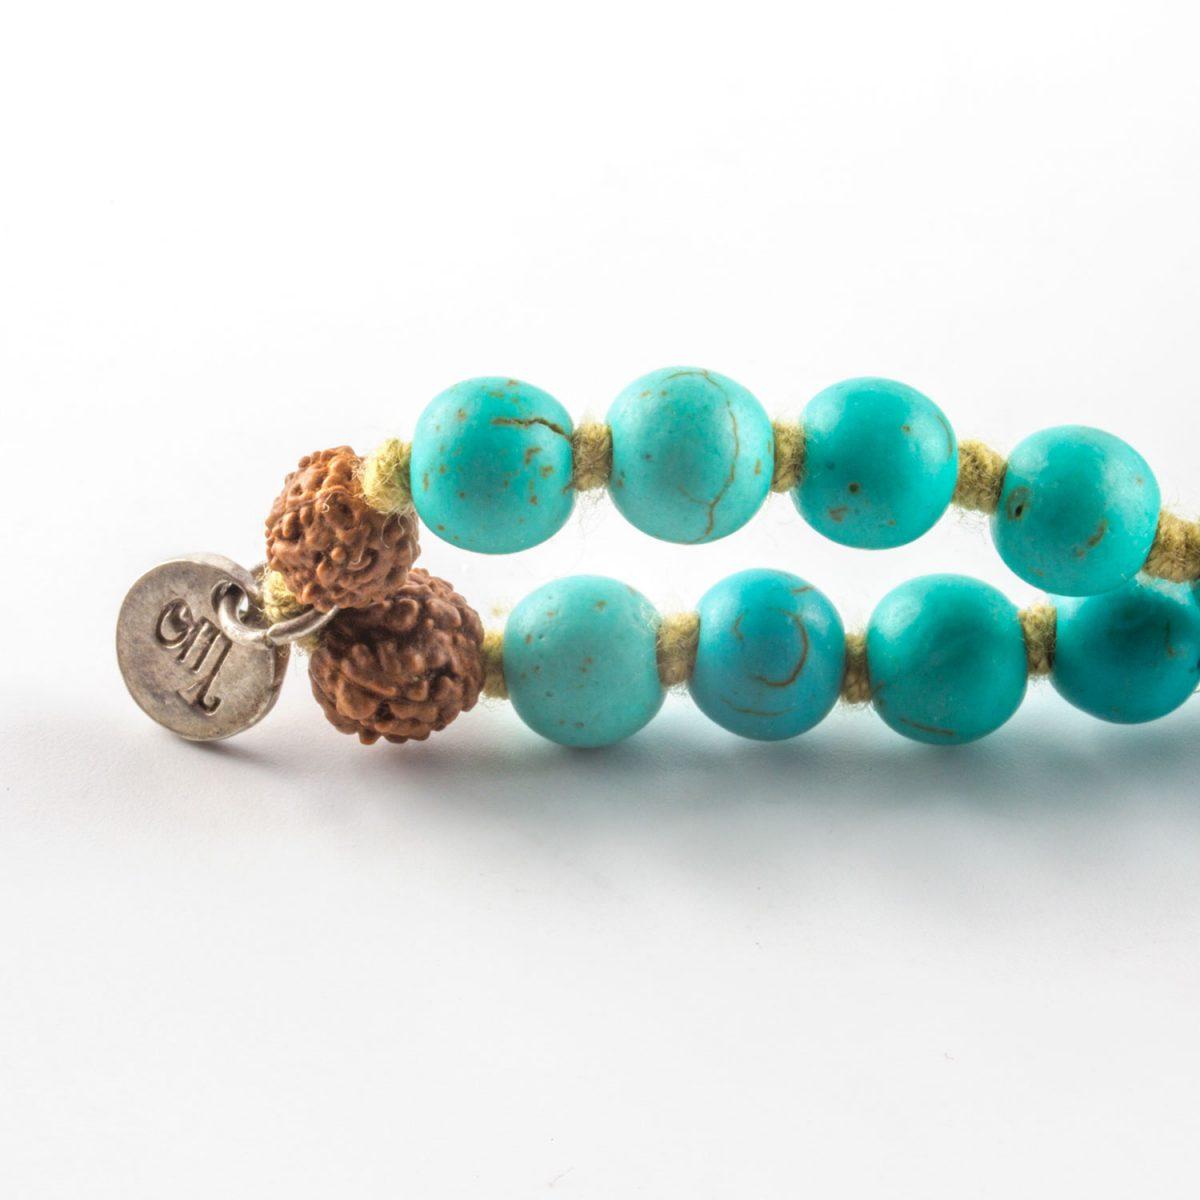 Perle de Jade collier mâlâ perles de turquoise et pompon beige pour enfant